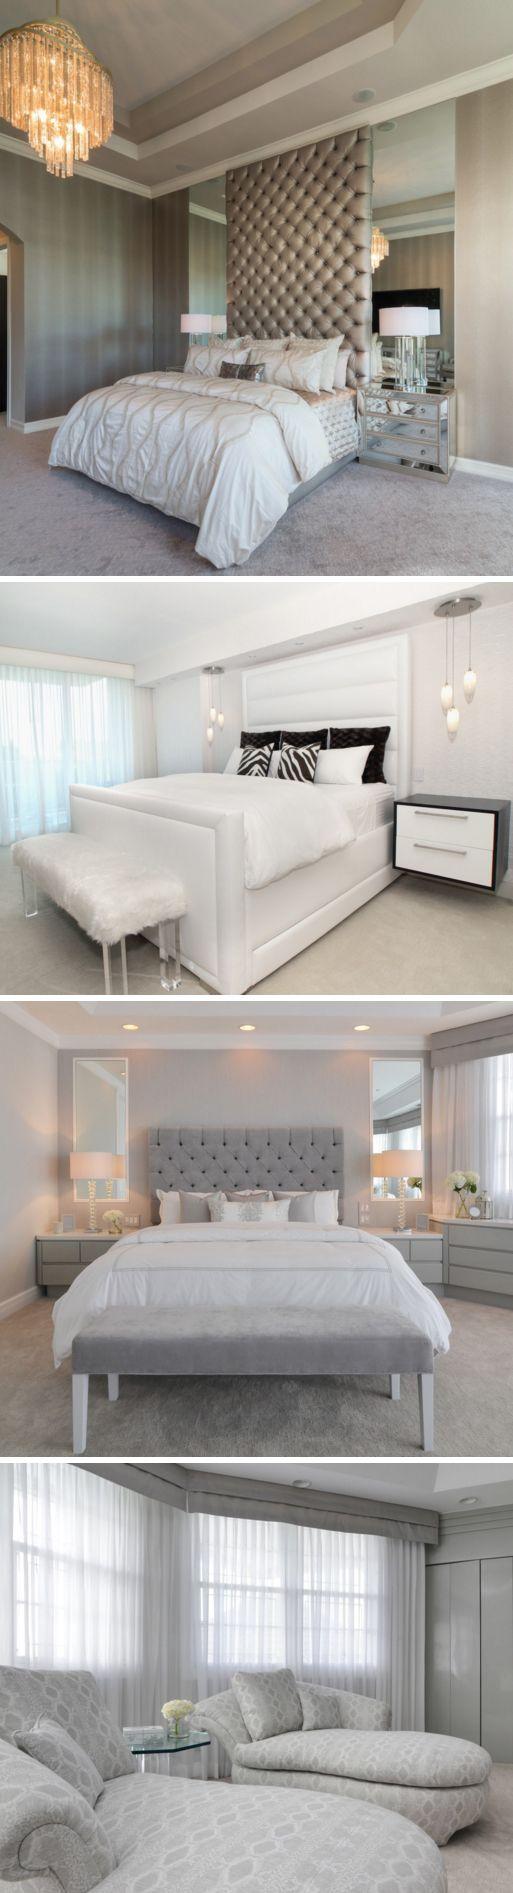 32 best farah merhi images on pinterest home decor family rooms